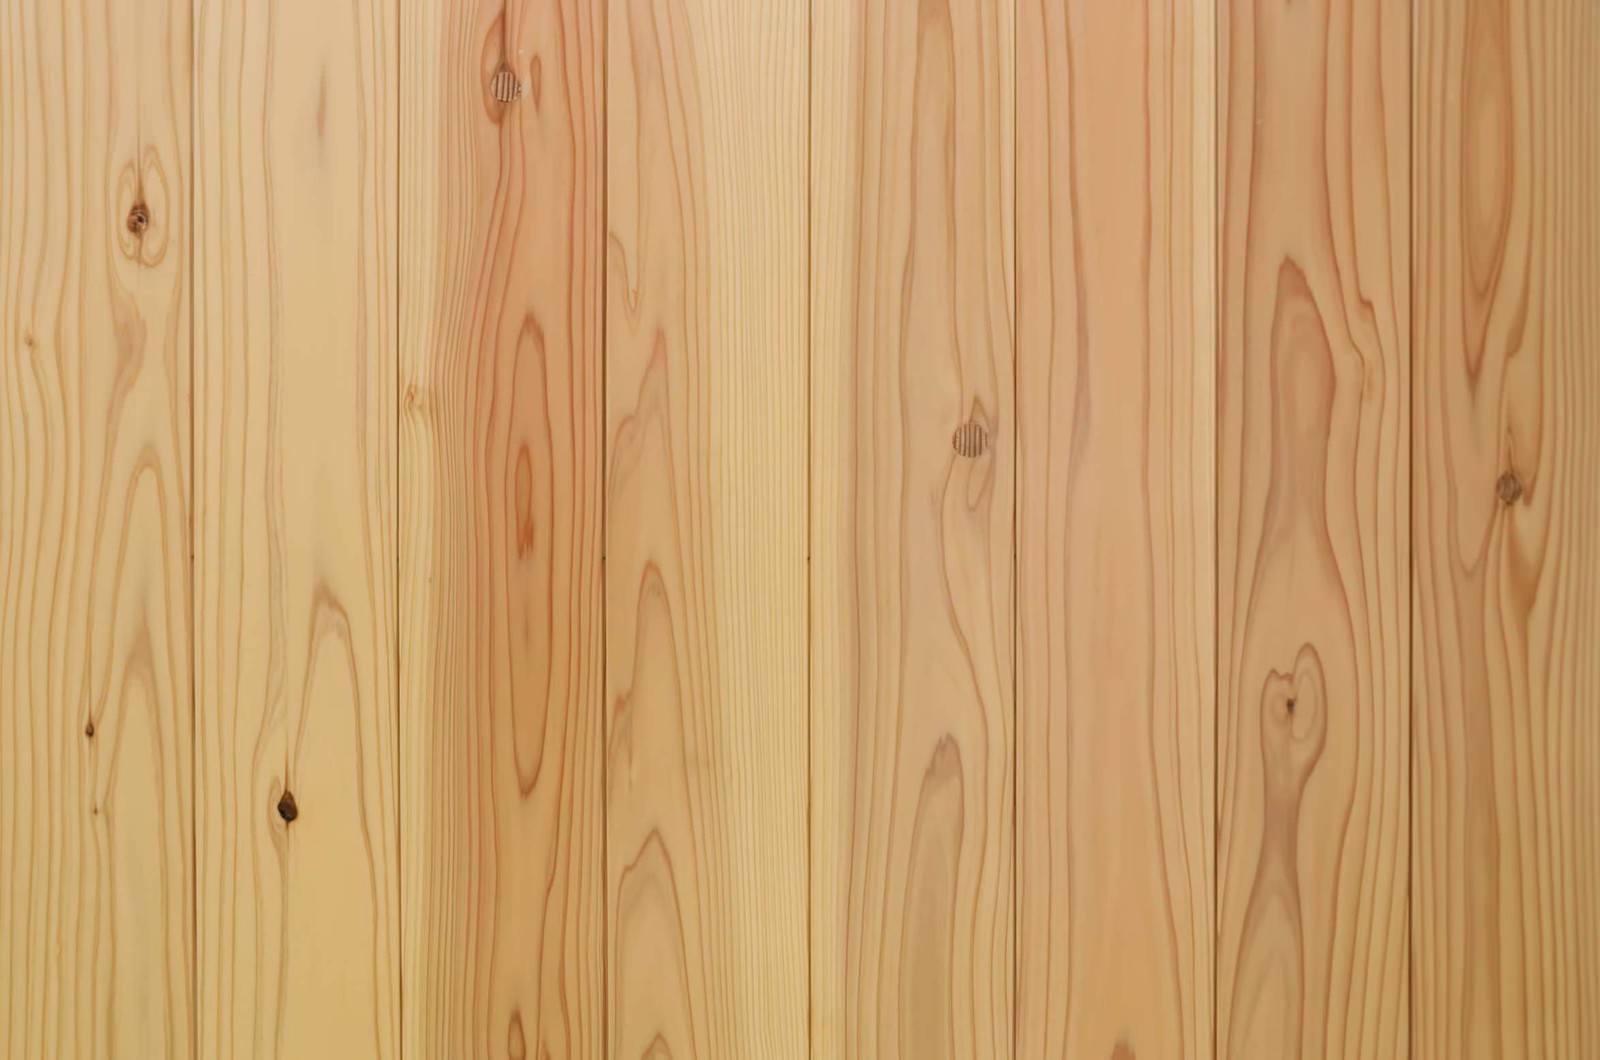 「木目のテクスチャー」の写真